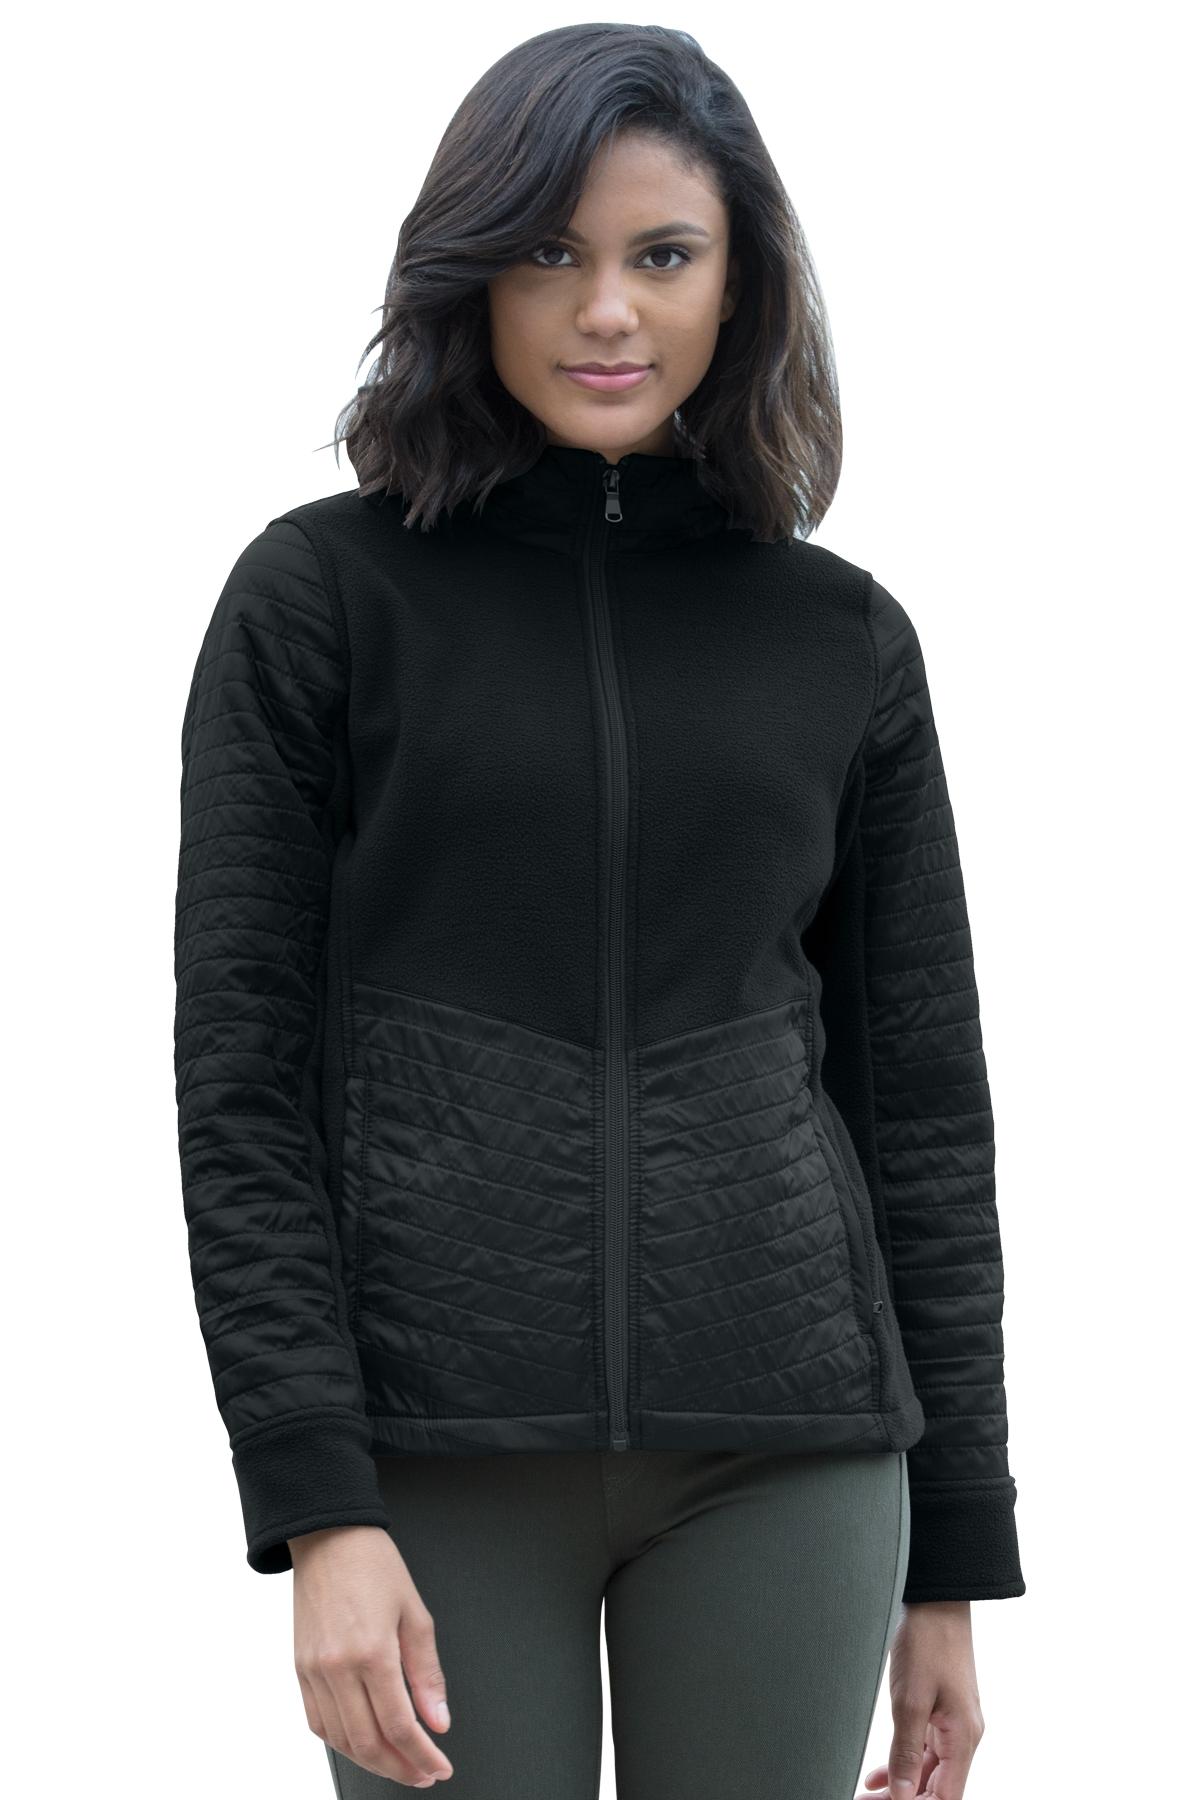 Vantage 3311 - Women's Yukon Jacket